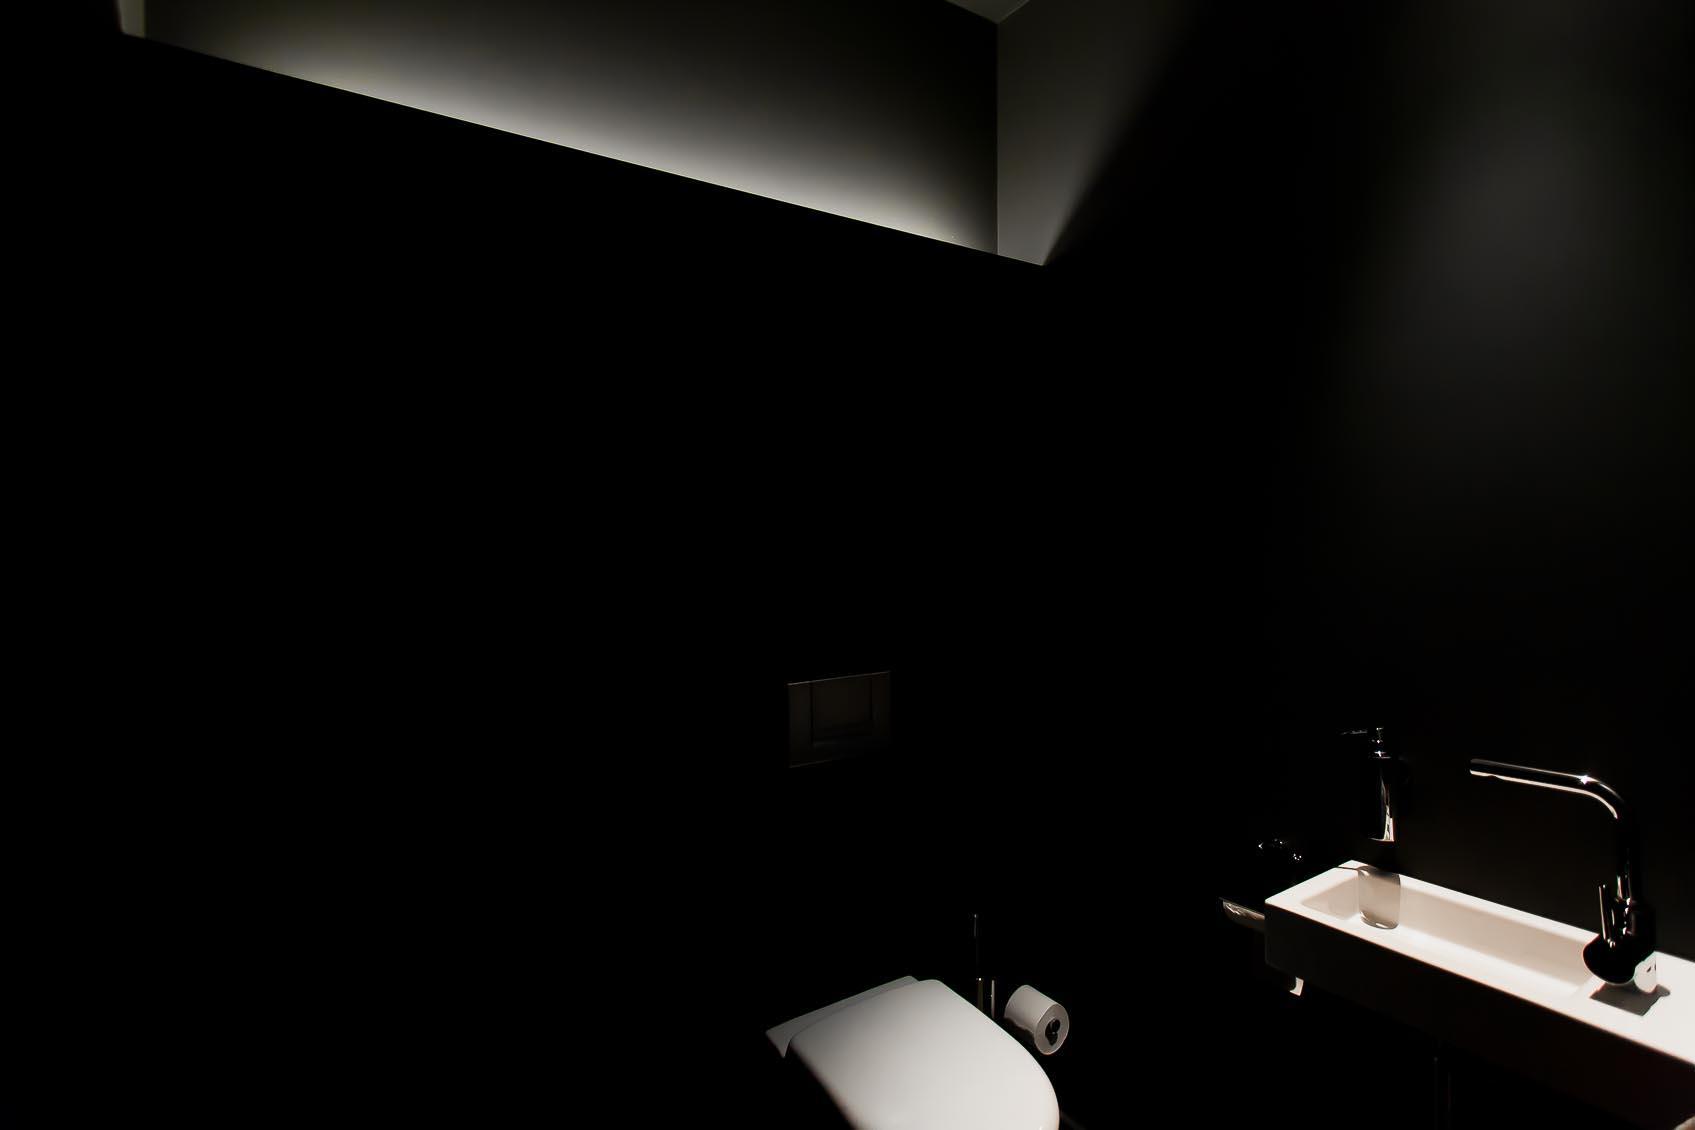 Maatwerk indirecte led verlichting in zwarte ruimte en accenten op witte wc en lavabo